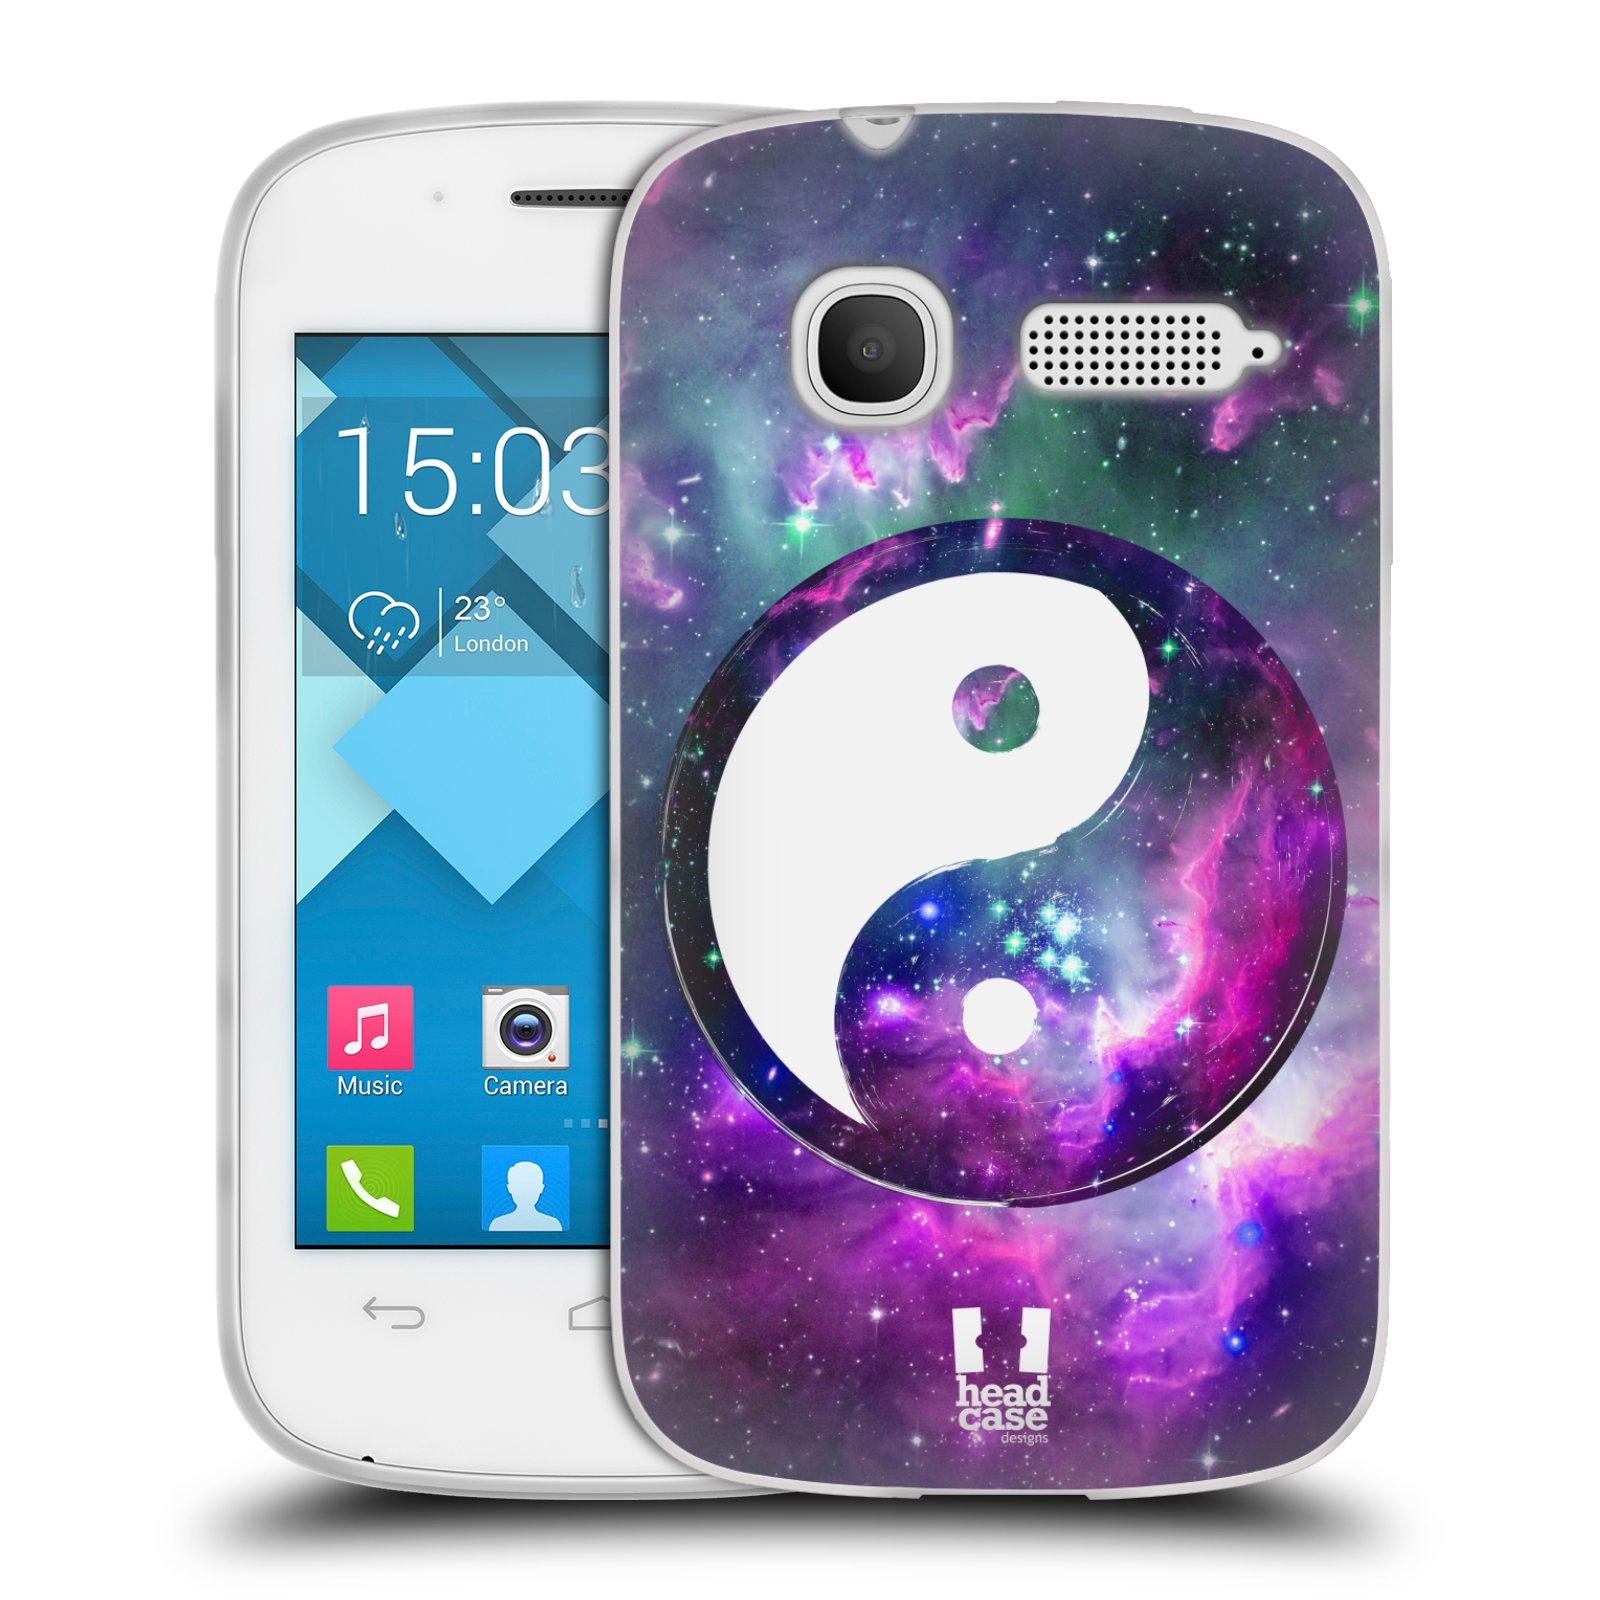 Silikonové pouzdro na mobil Alcatel One Touch Pop C1 HEAD CASE YIn a Yang PURPLE (Silikonový kryt či obal na mobilní telefon Alcatel OT-4015D POP C1)